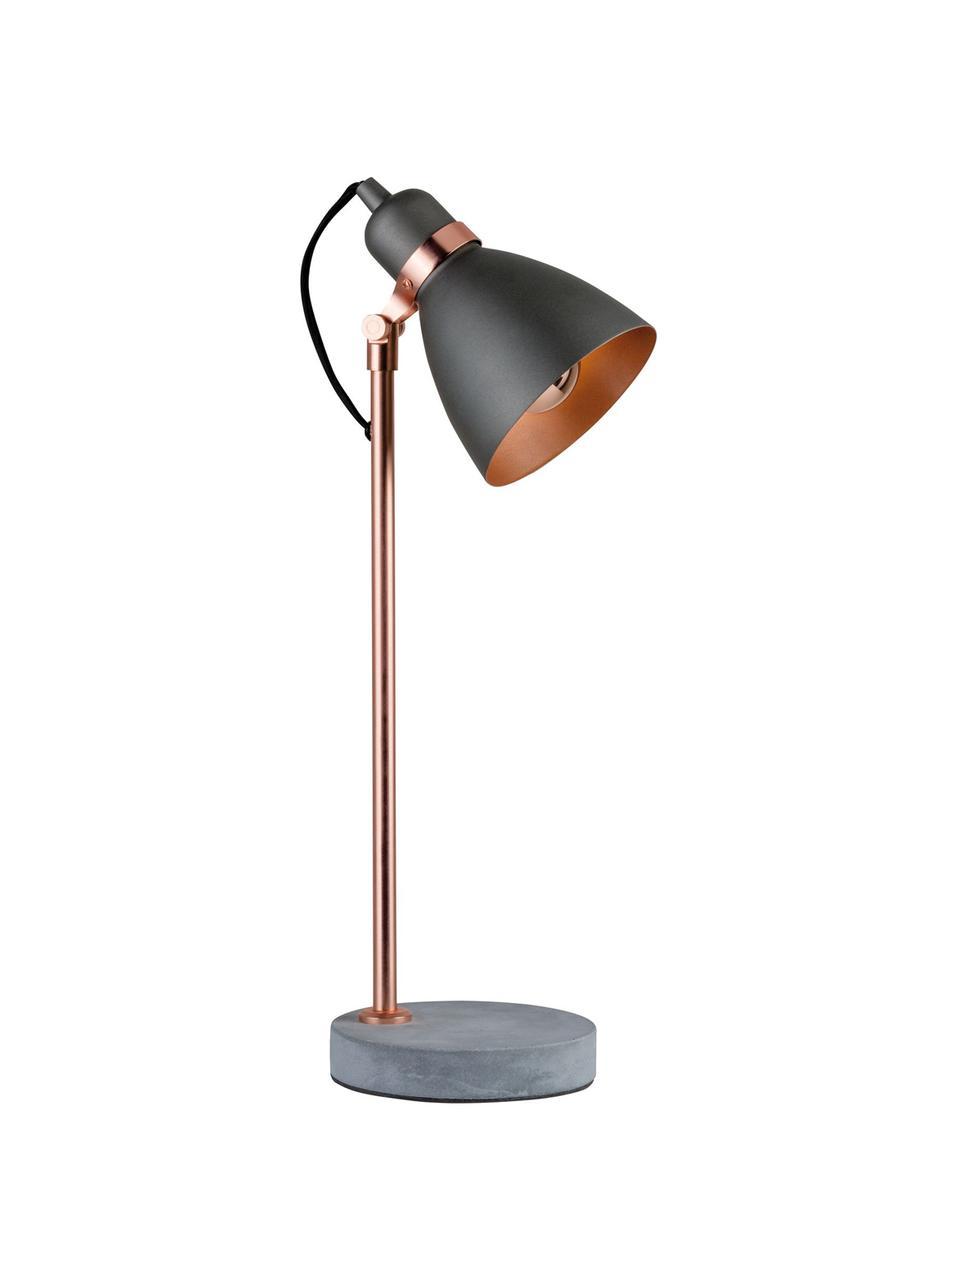 Lampada da tavolo con base in cemento Orm, Paralume: metallo rivestito, Asta: metallo rivestito, Base della lampada: cemento, Rame, grigio, Ø 15 x Alt.50 cm